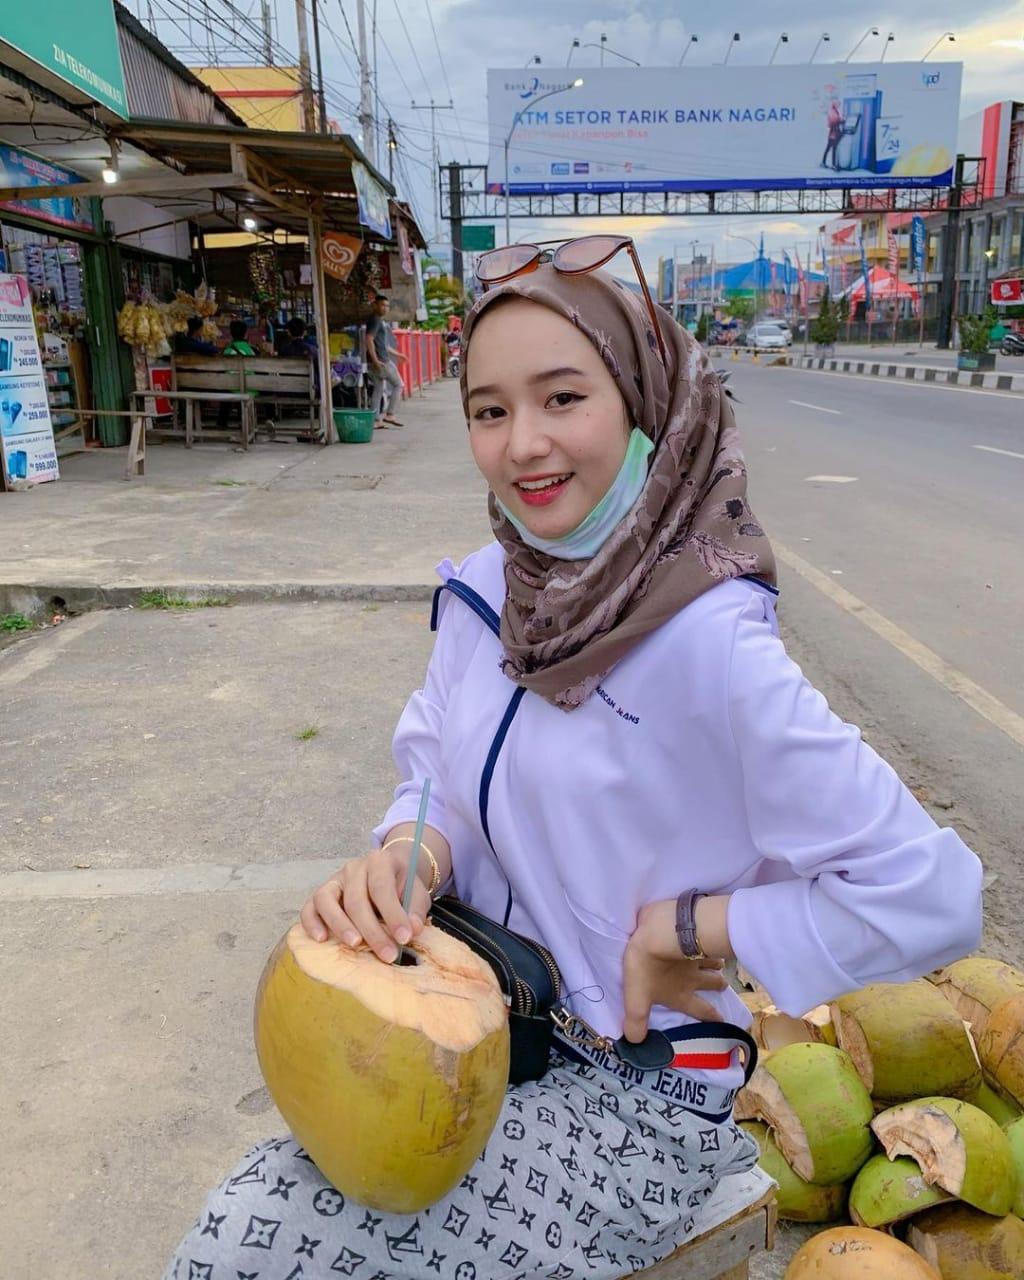 Pijat Panggilan Pangkalan Bun Kalimantan Tengah